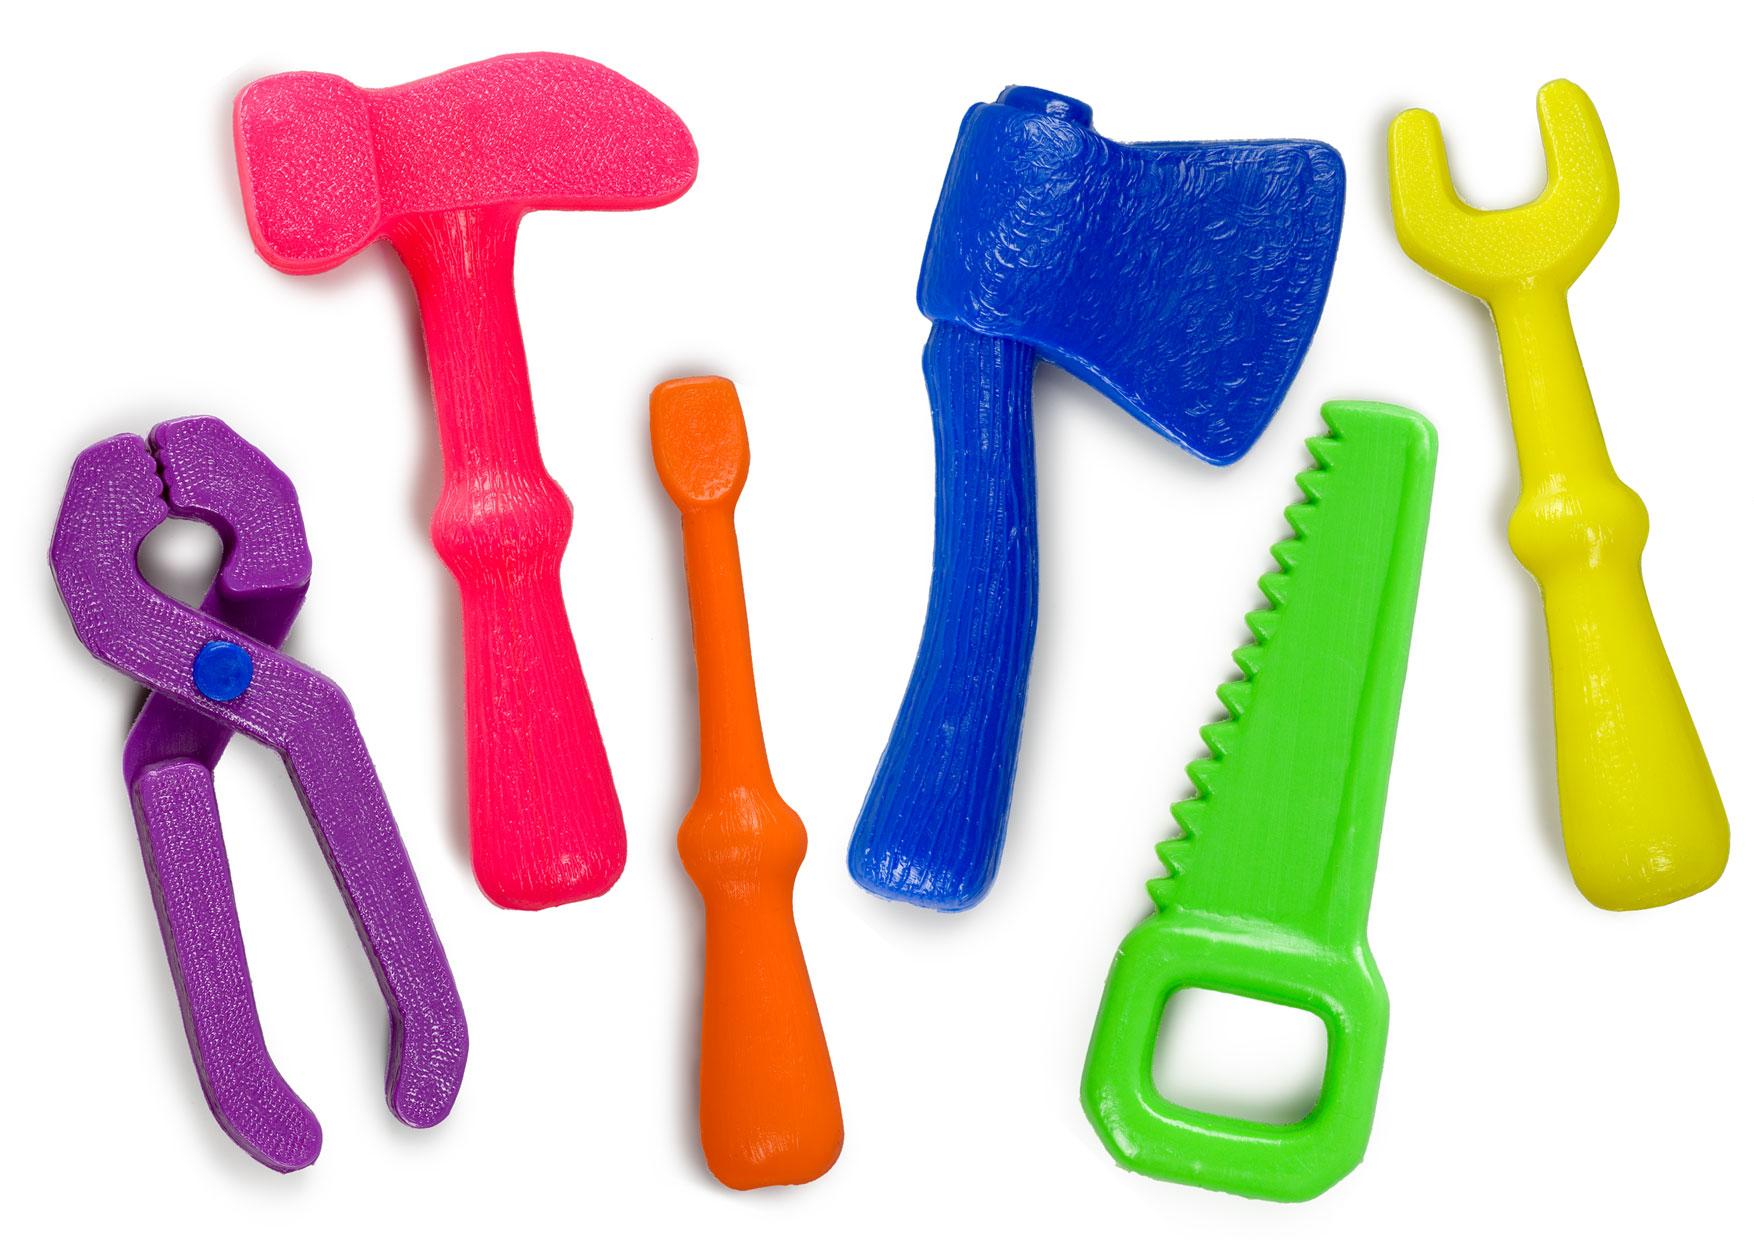 Игровой набор - Маленький мастер, 6 предметовДетские мастерские, инструменты<br>Игровой набор - Маленький мастер, 6 предметов<br>